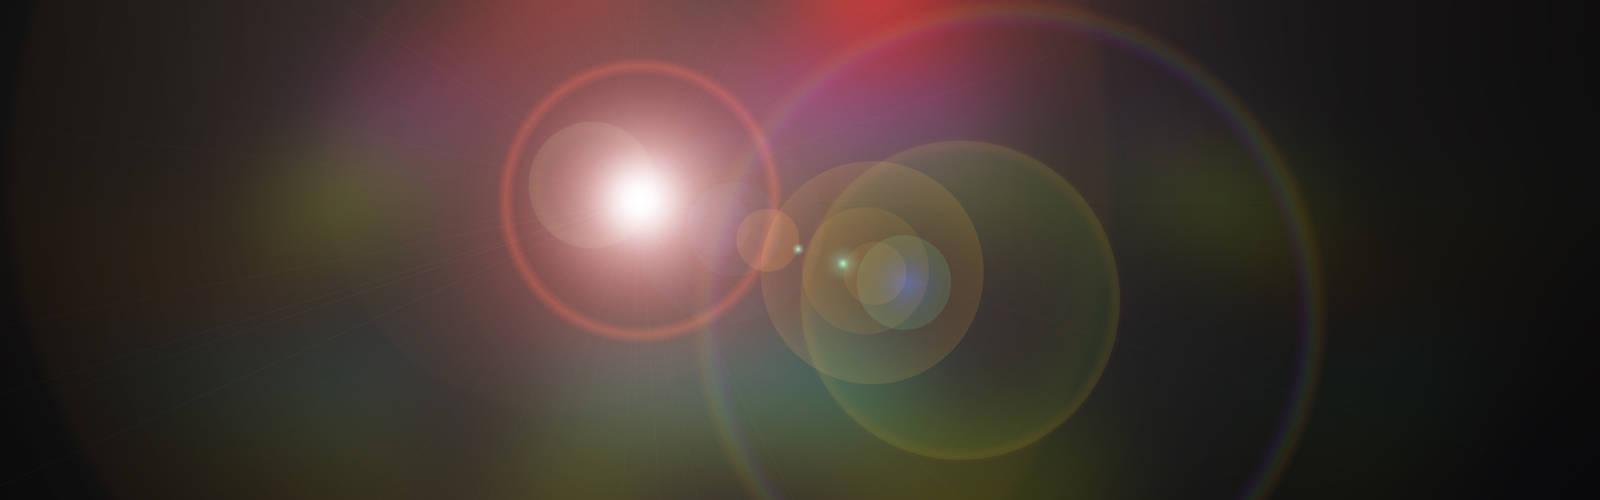 Bright 'Spots' Wallpaper